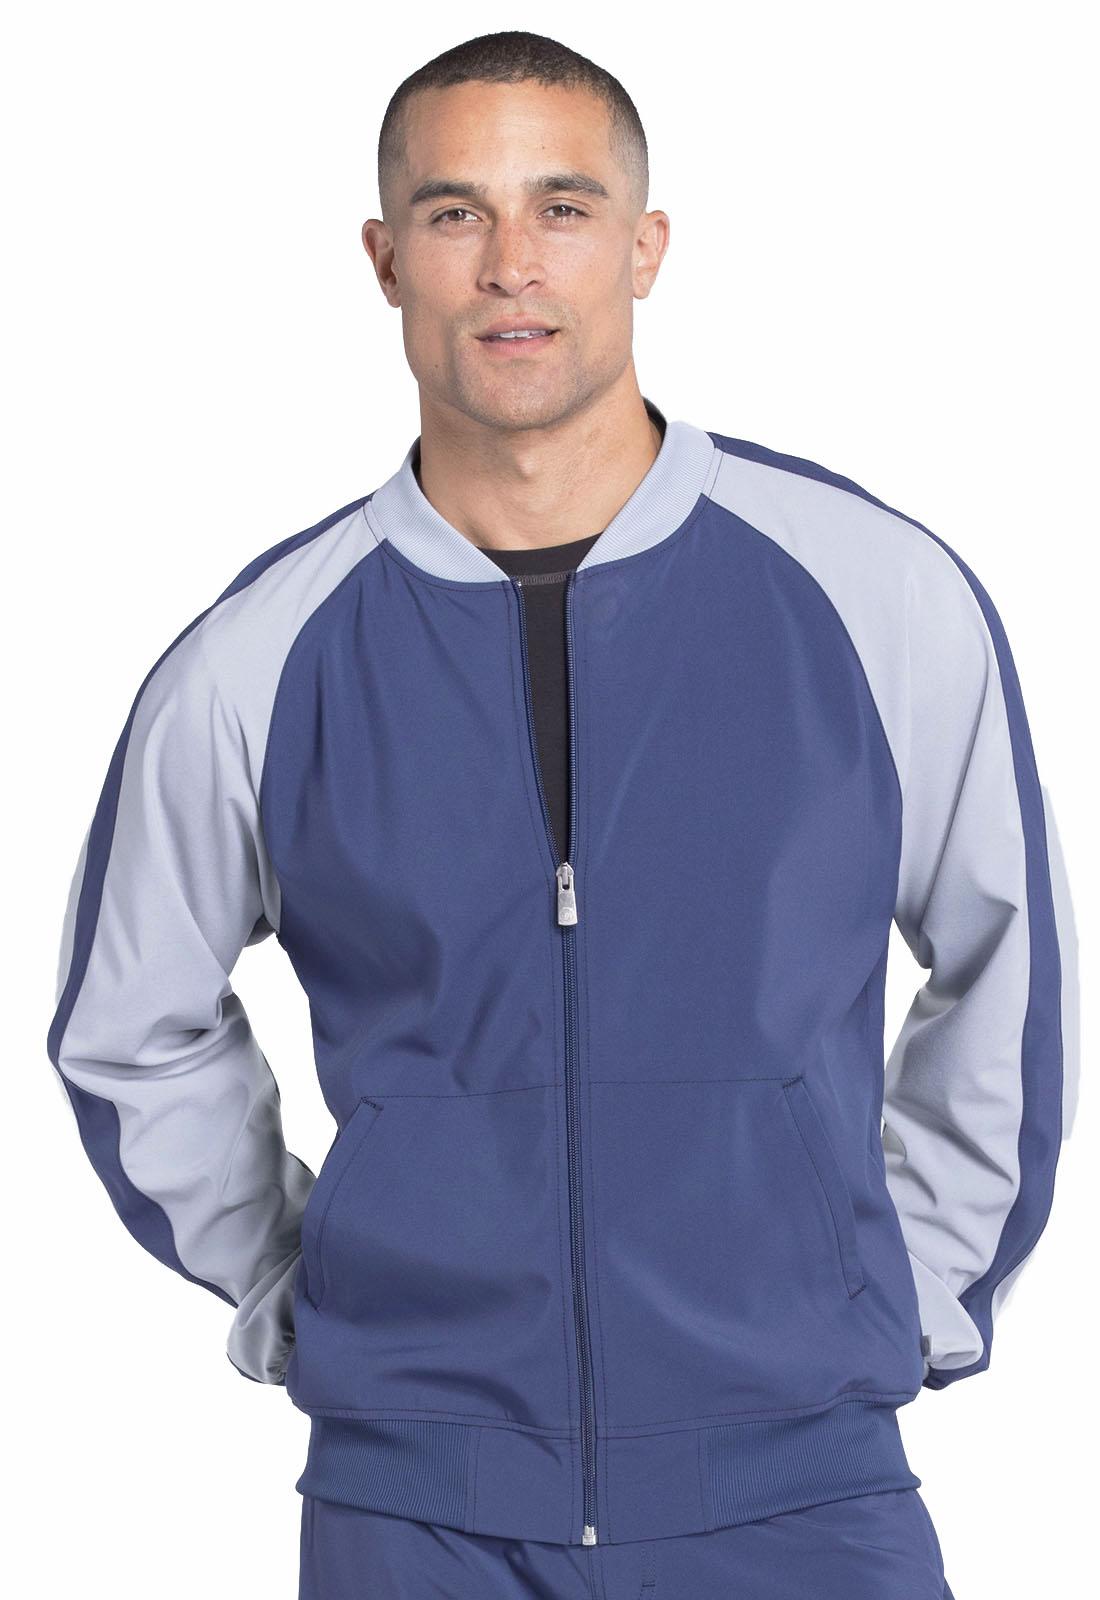 de54dee2cf5 Infinity Men's Colorblock Zip Up Warm-Up Jacket in Navy (Antimicrobial)